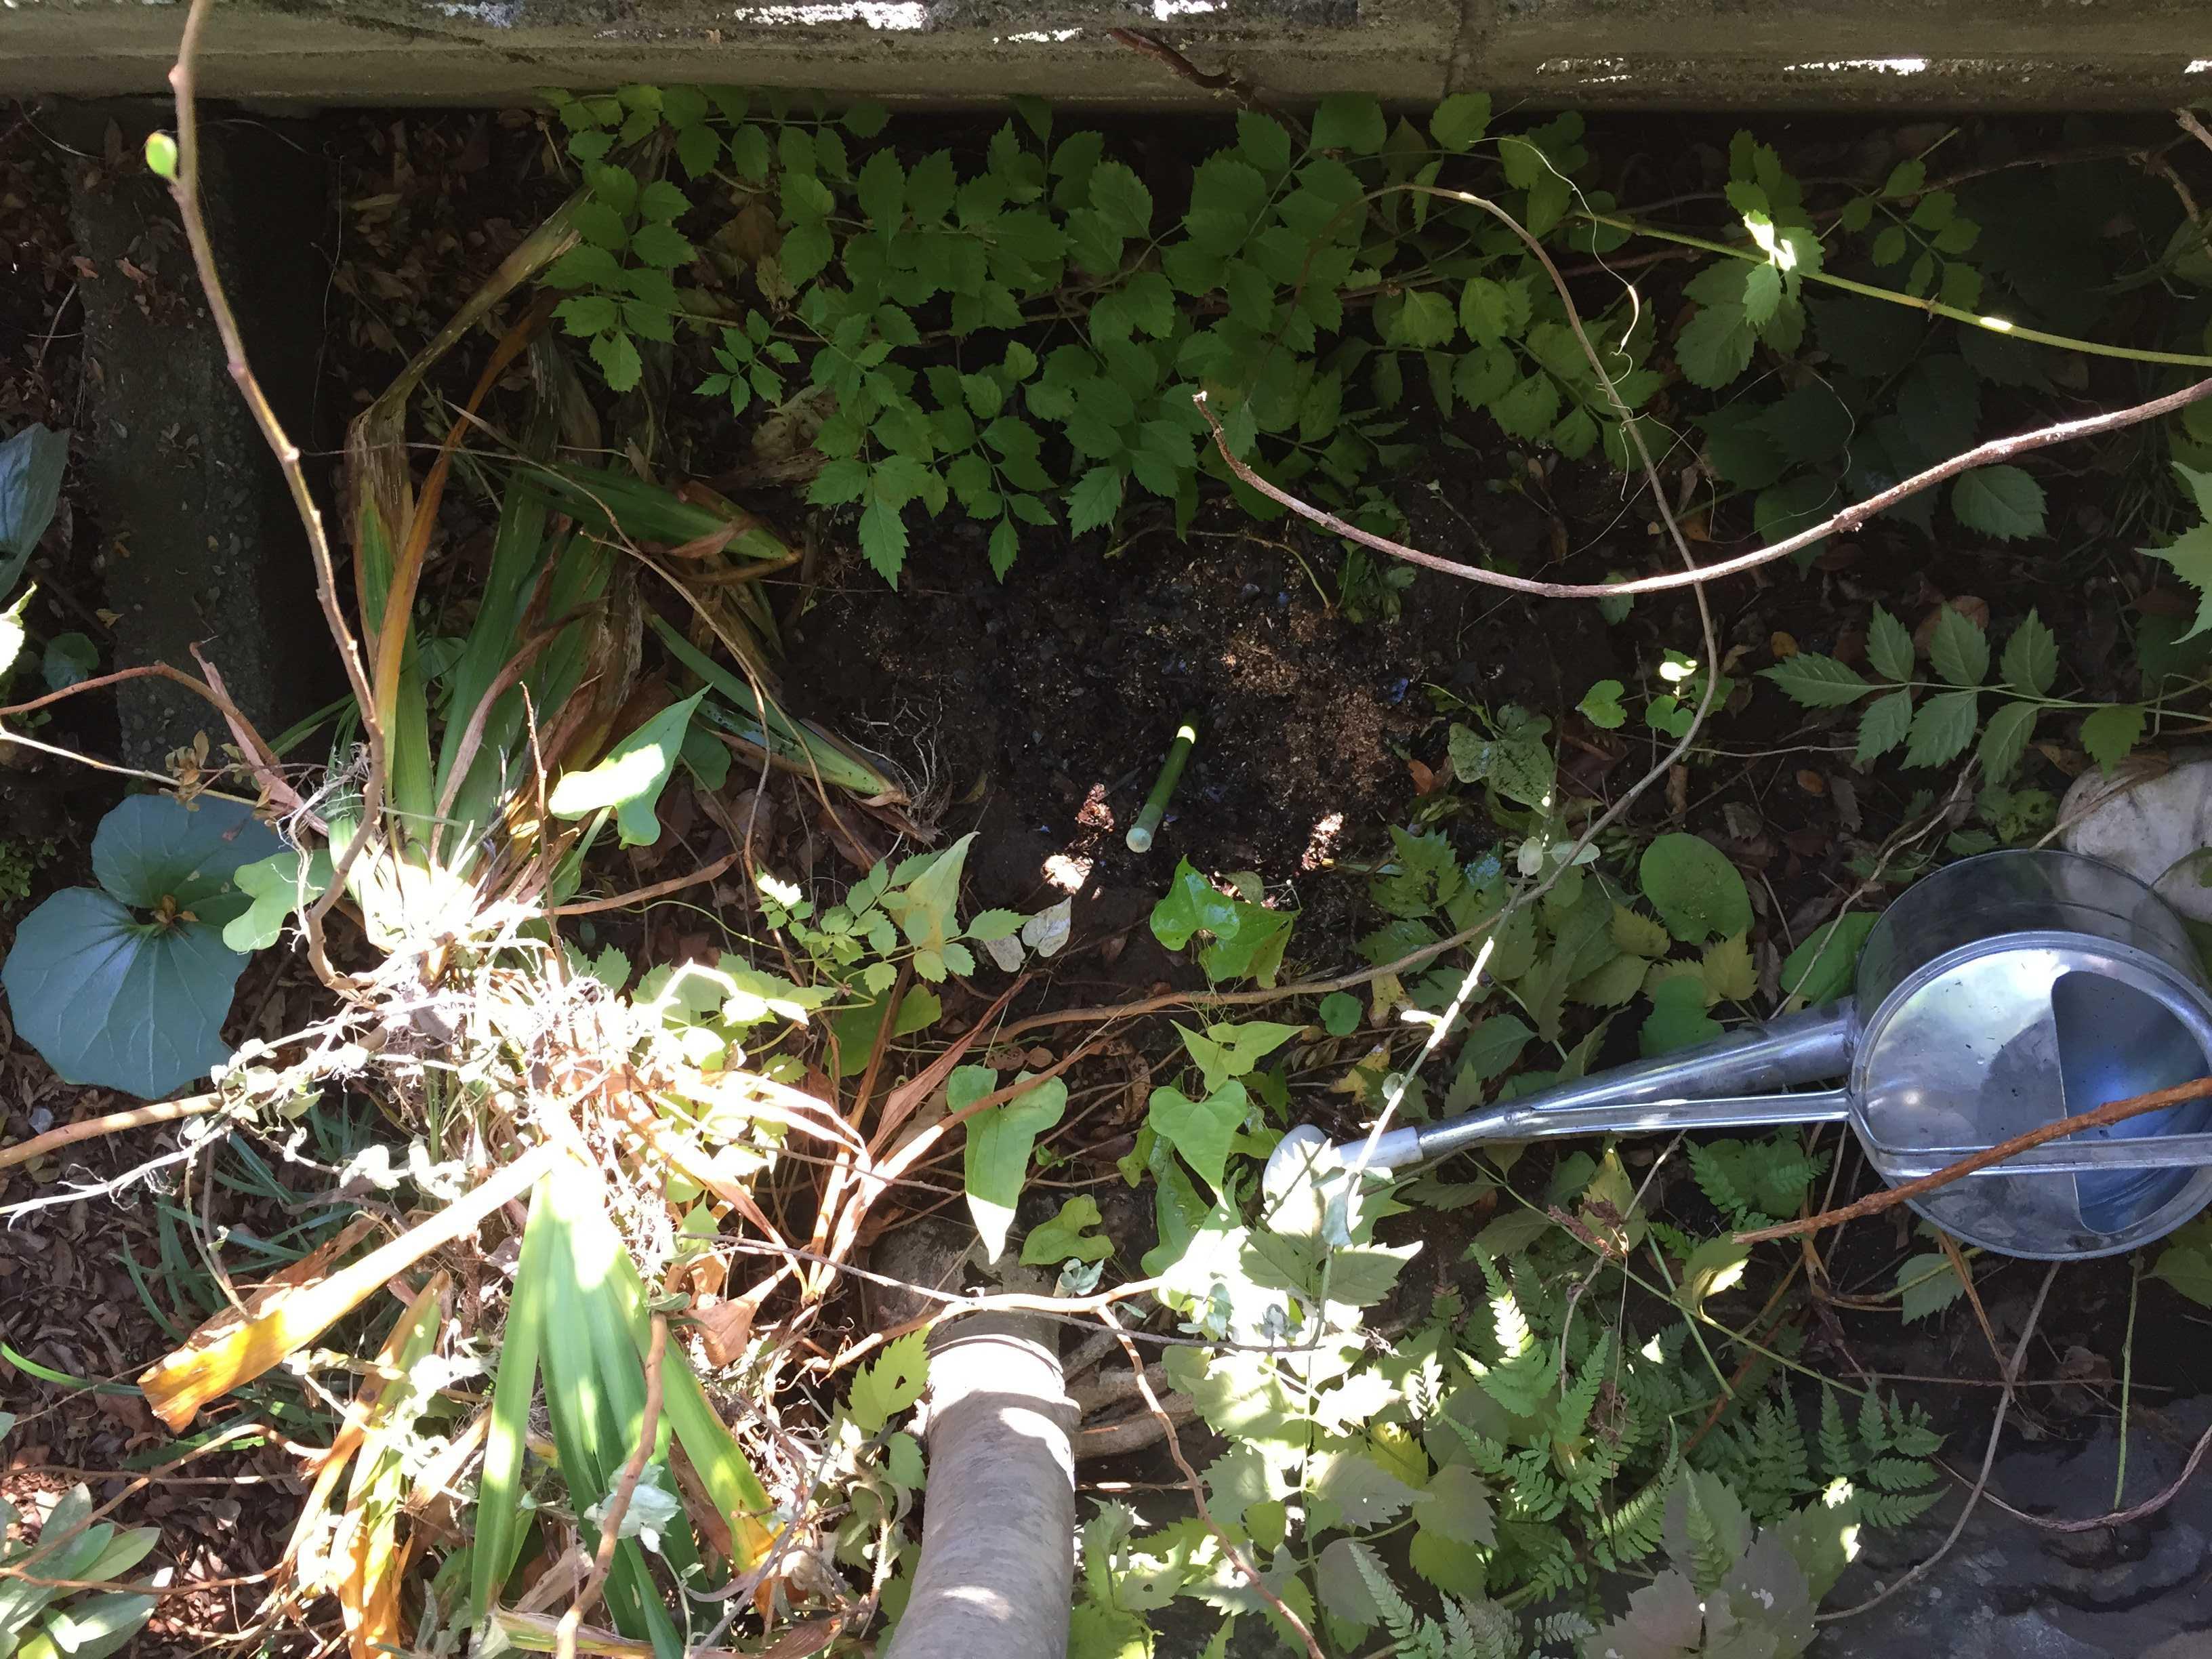 ブロックの裏側(下) - やまゆりの球根の植え付け